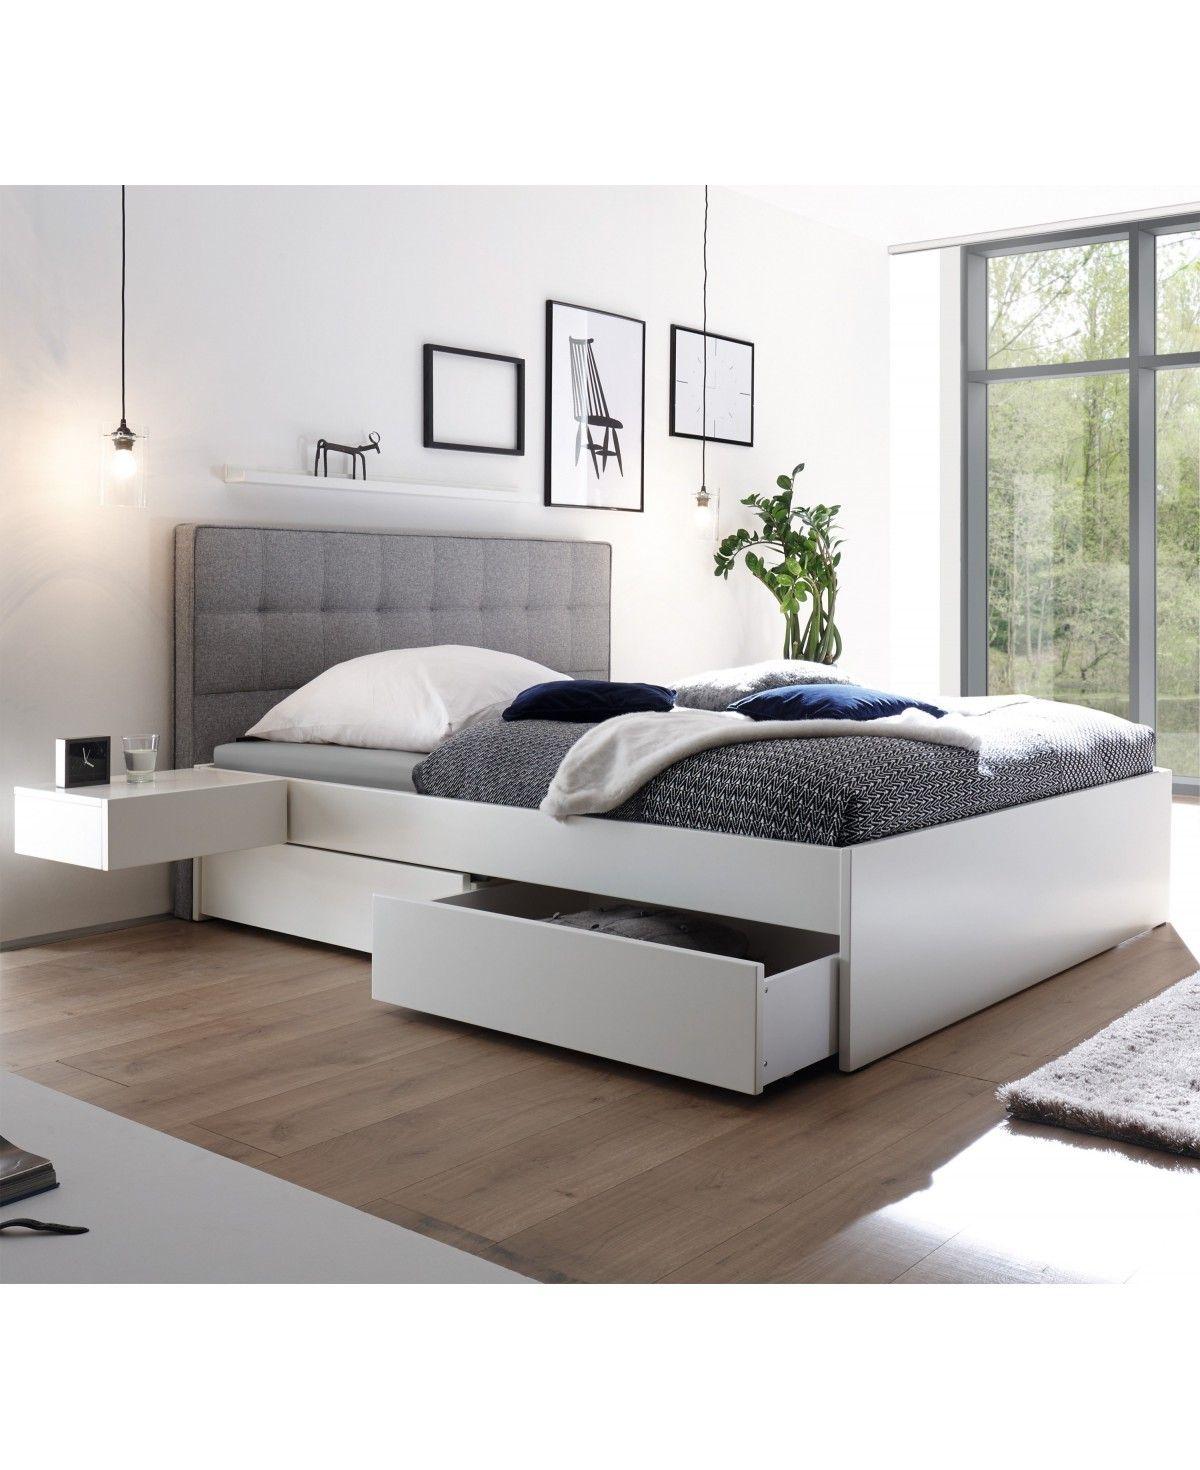 Bett 200x200 Weiss Landhaus